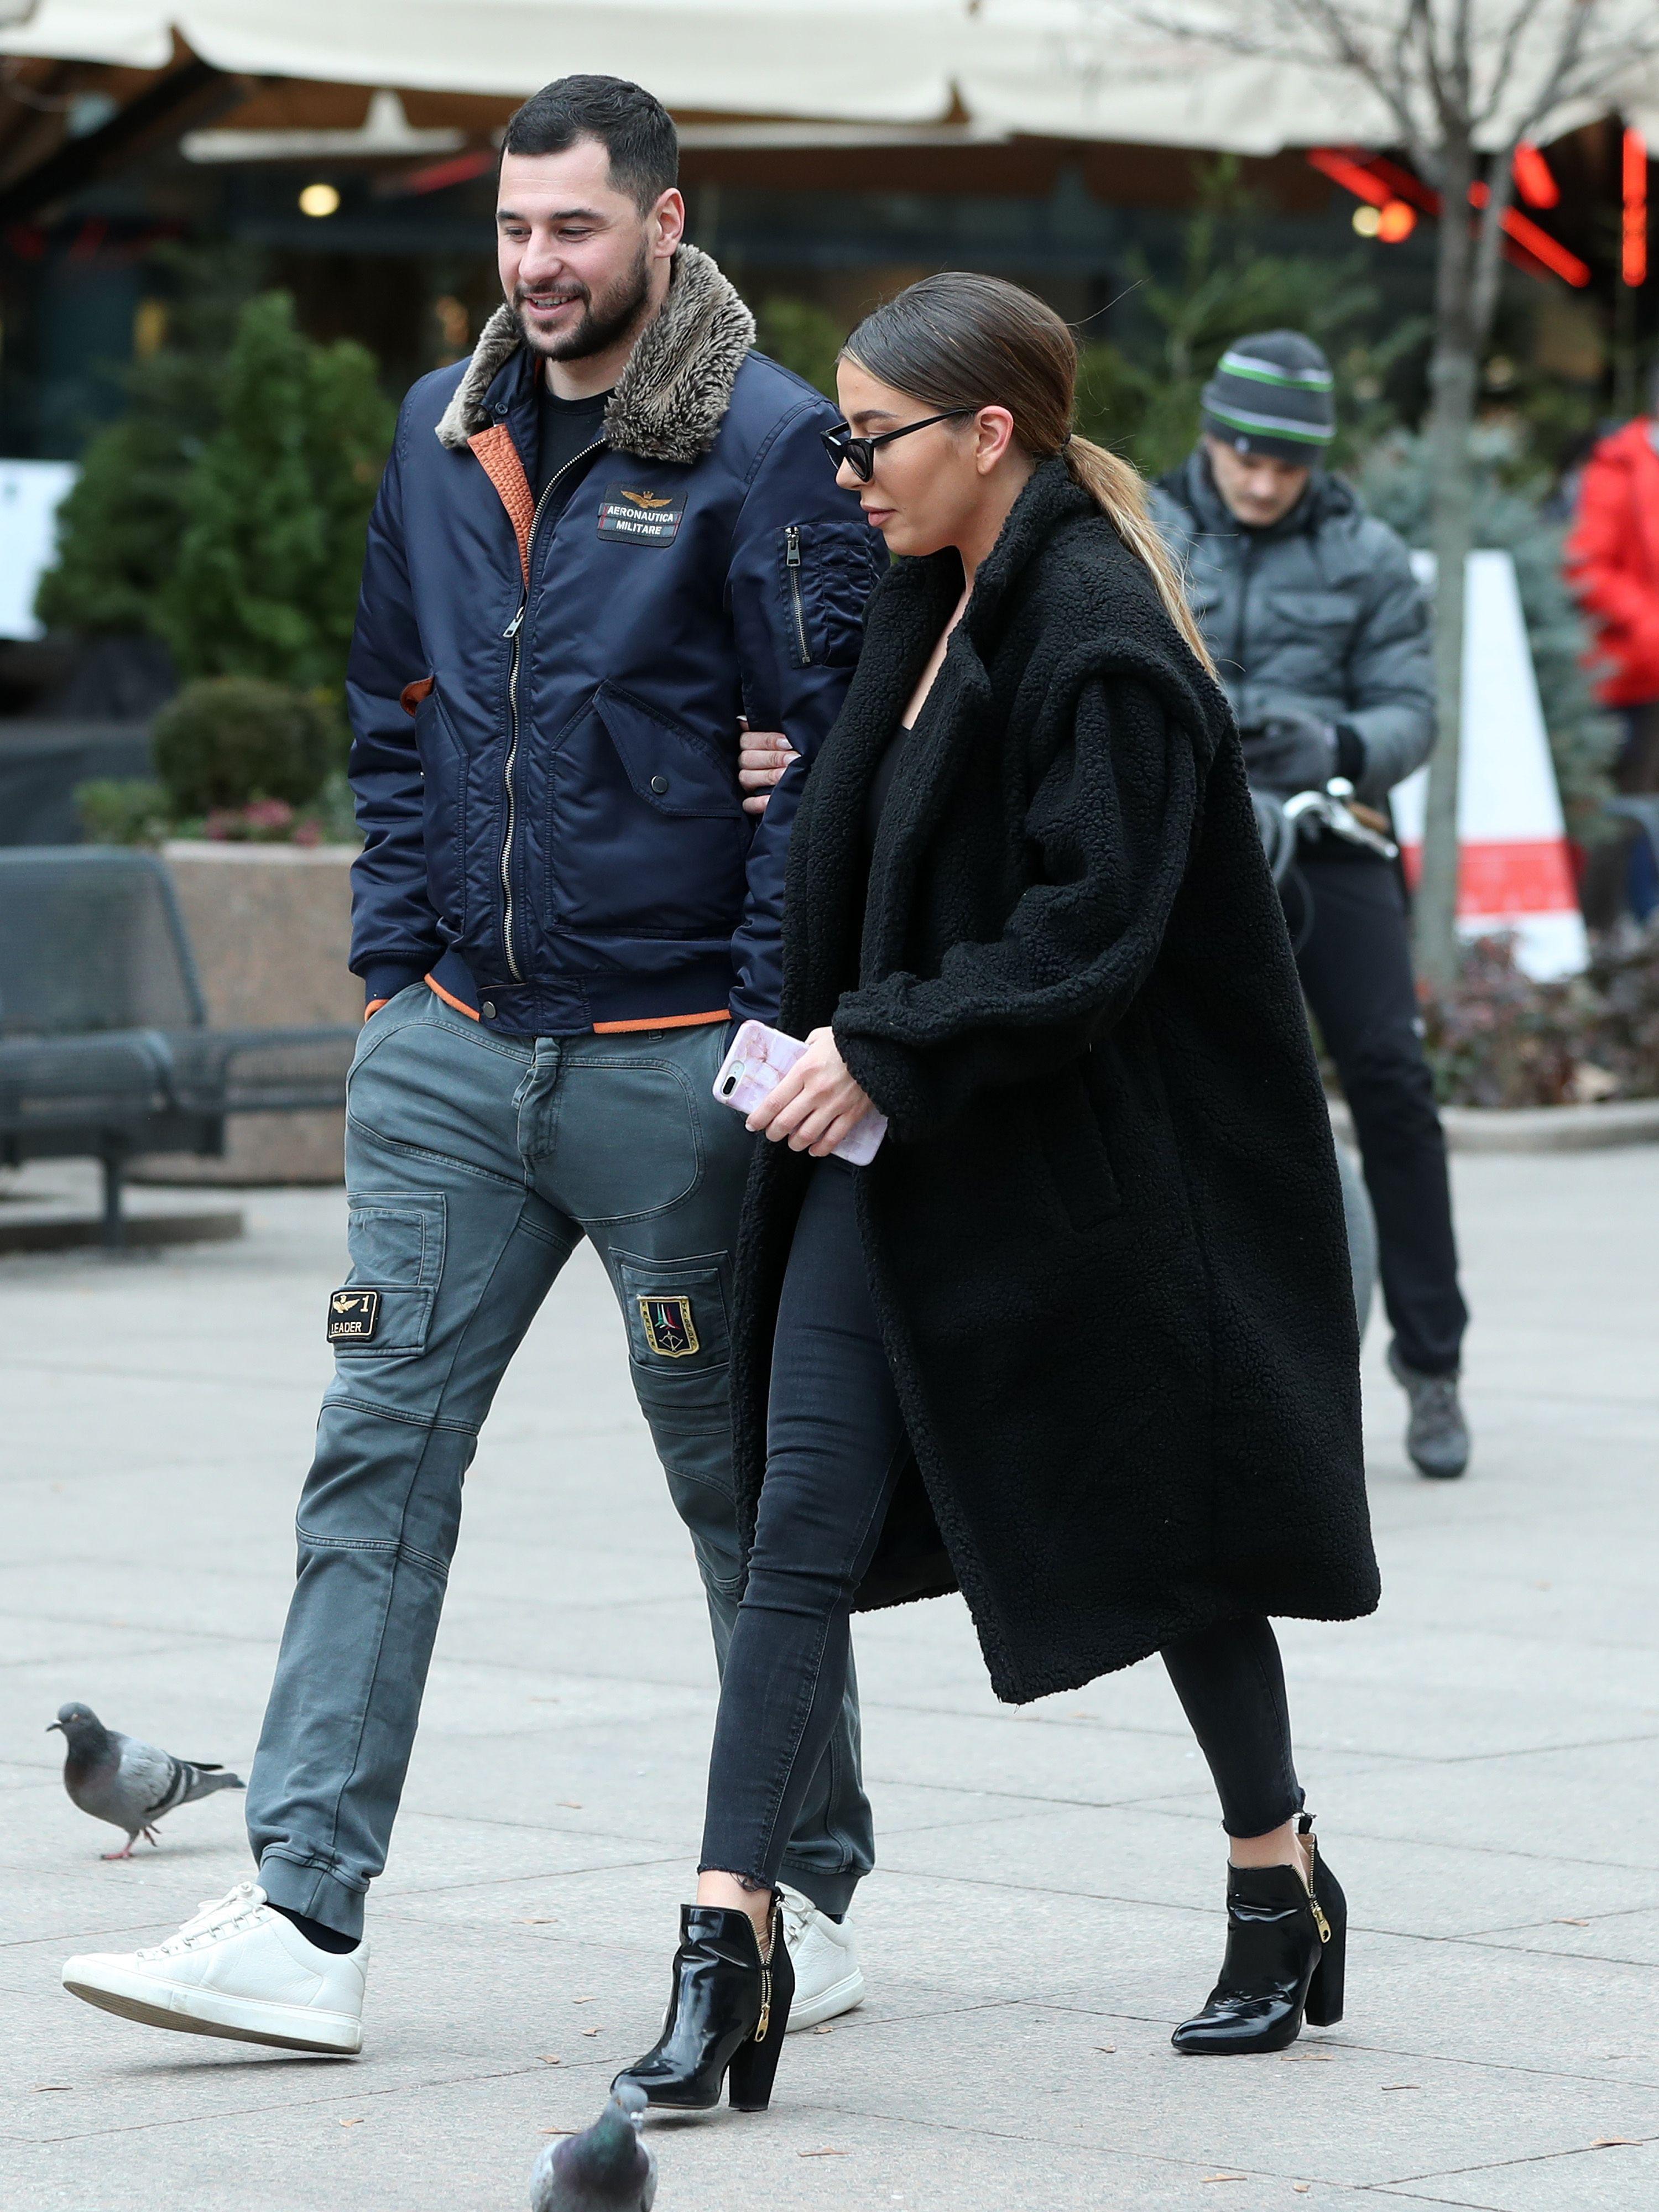 Baš je stylish: Naša poznata influencerica prošetala gradom u crnom od glave do pete i s hit torbicom